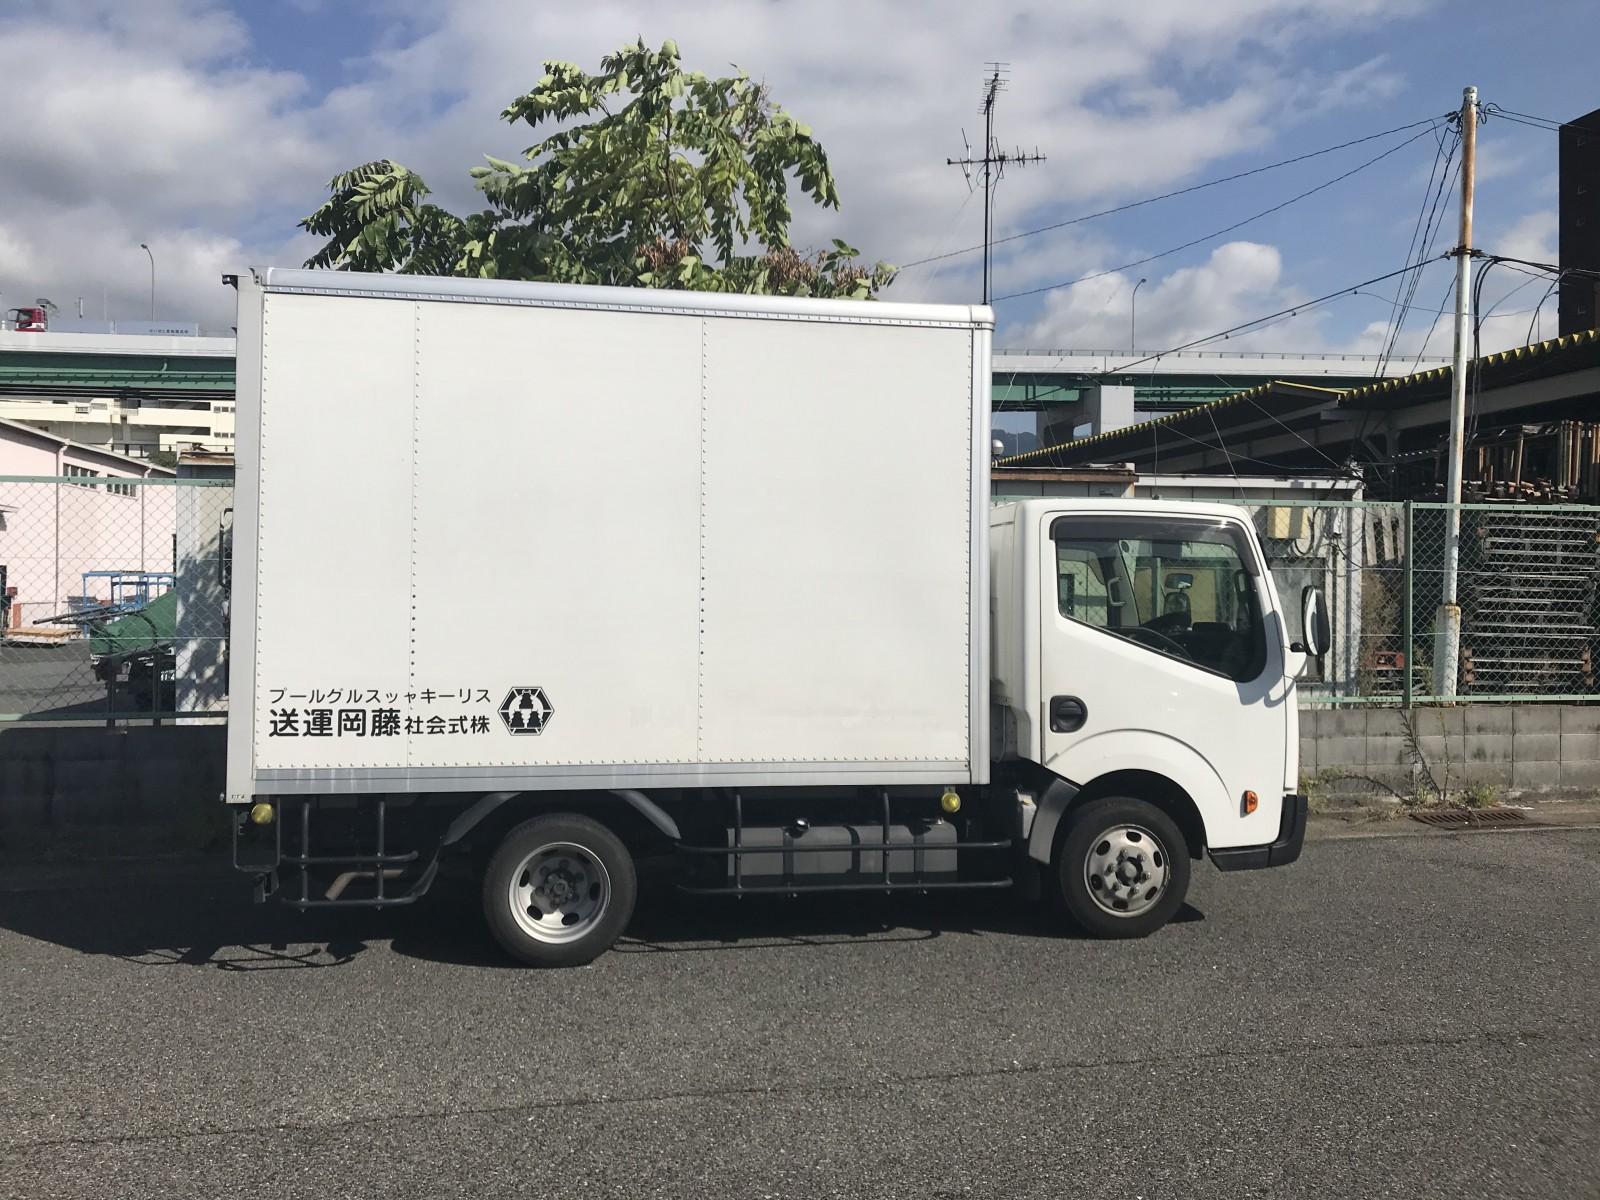 大手住宅建材商品の沖縄定期便の出荷作業